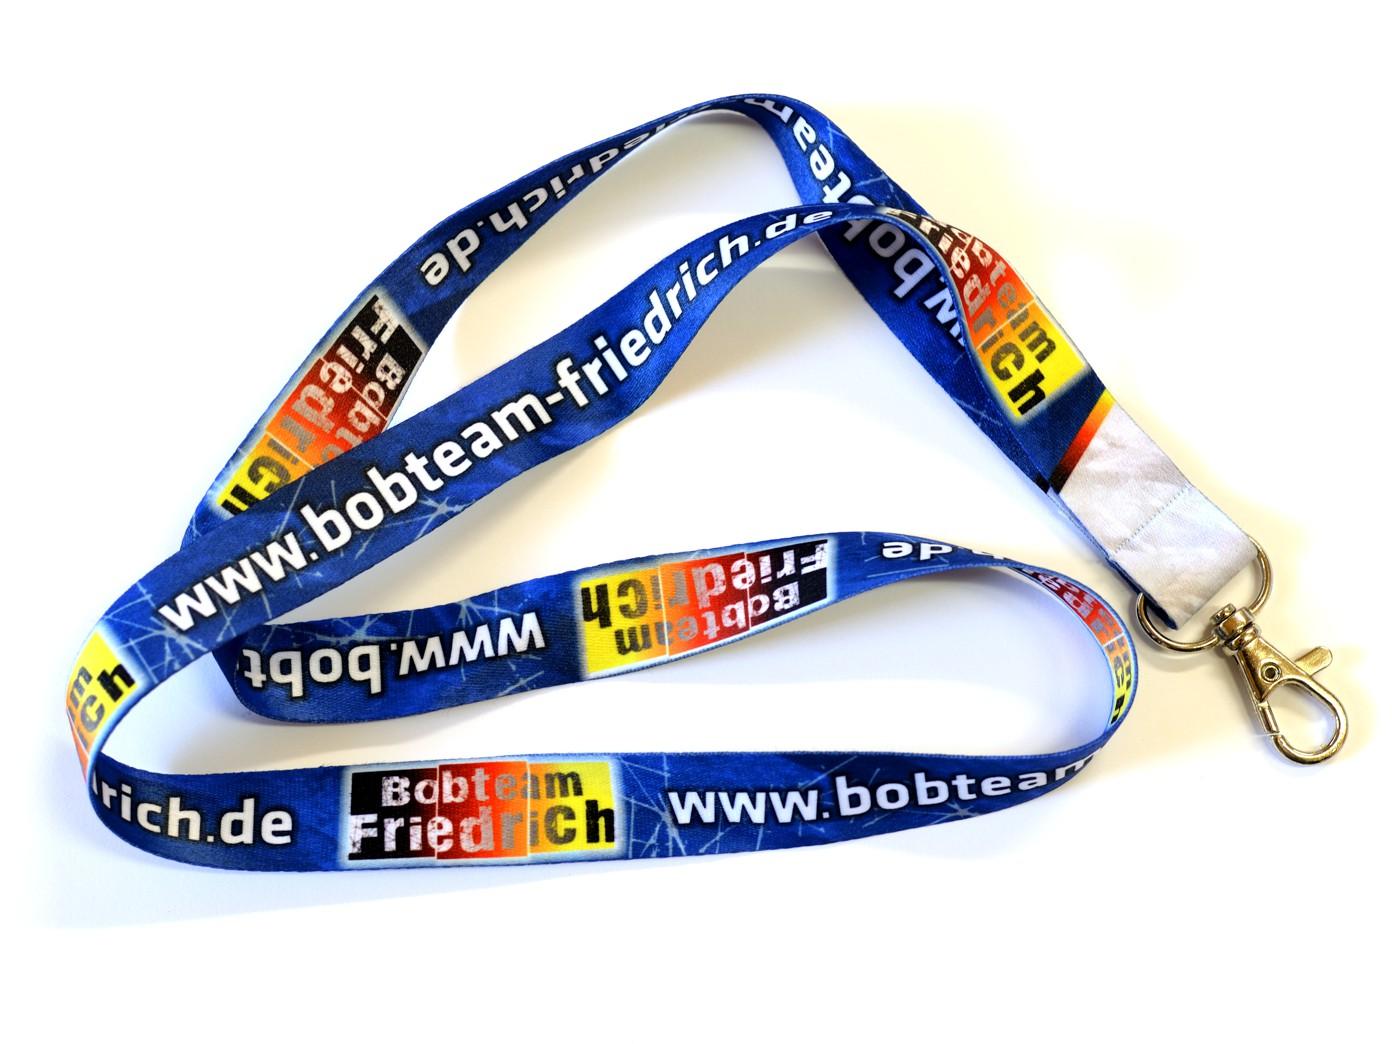 Schlüsselband Bobteam Friedrich